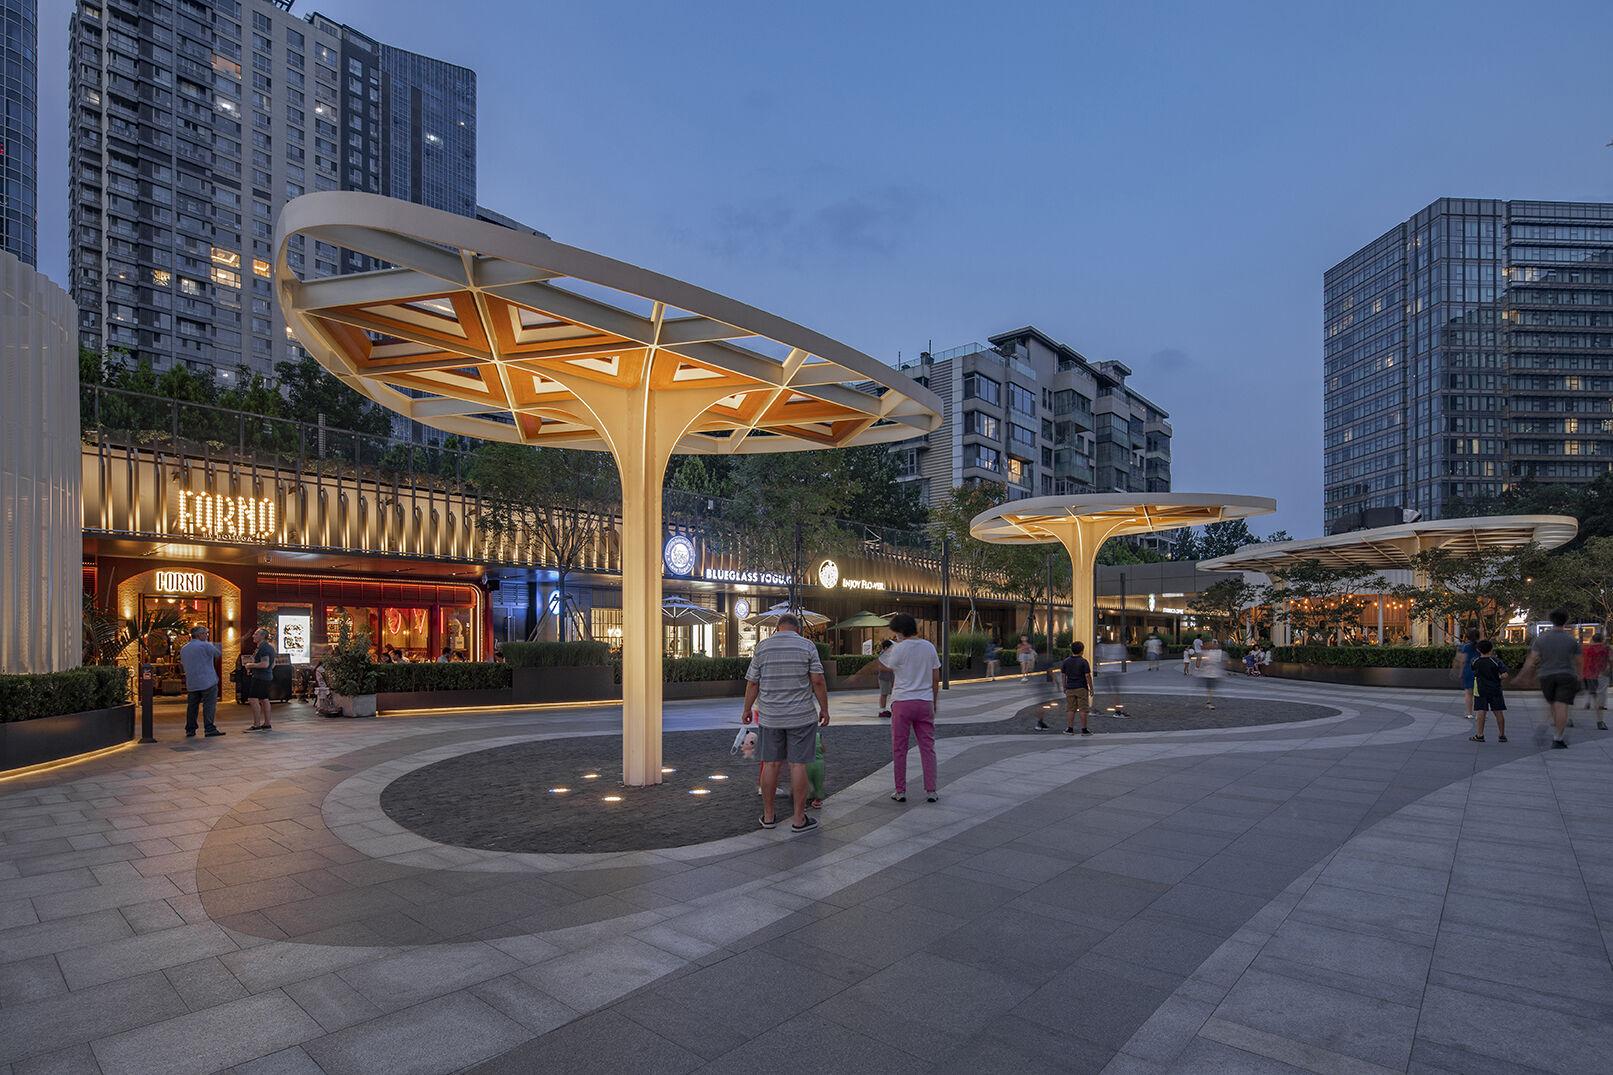 14_F&B & market night view-餐饮市集夜景.jpg